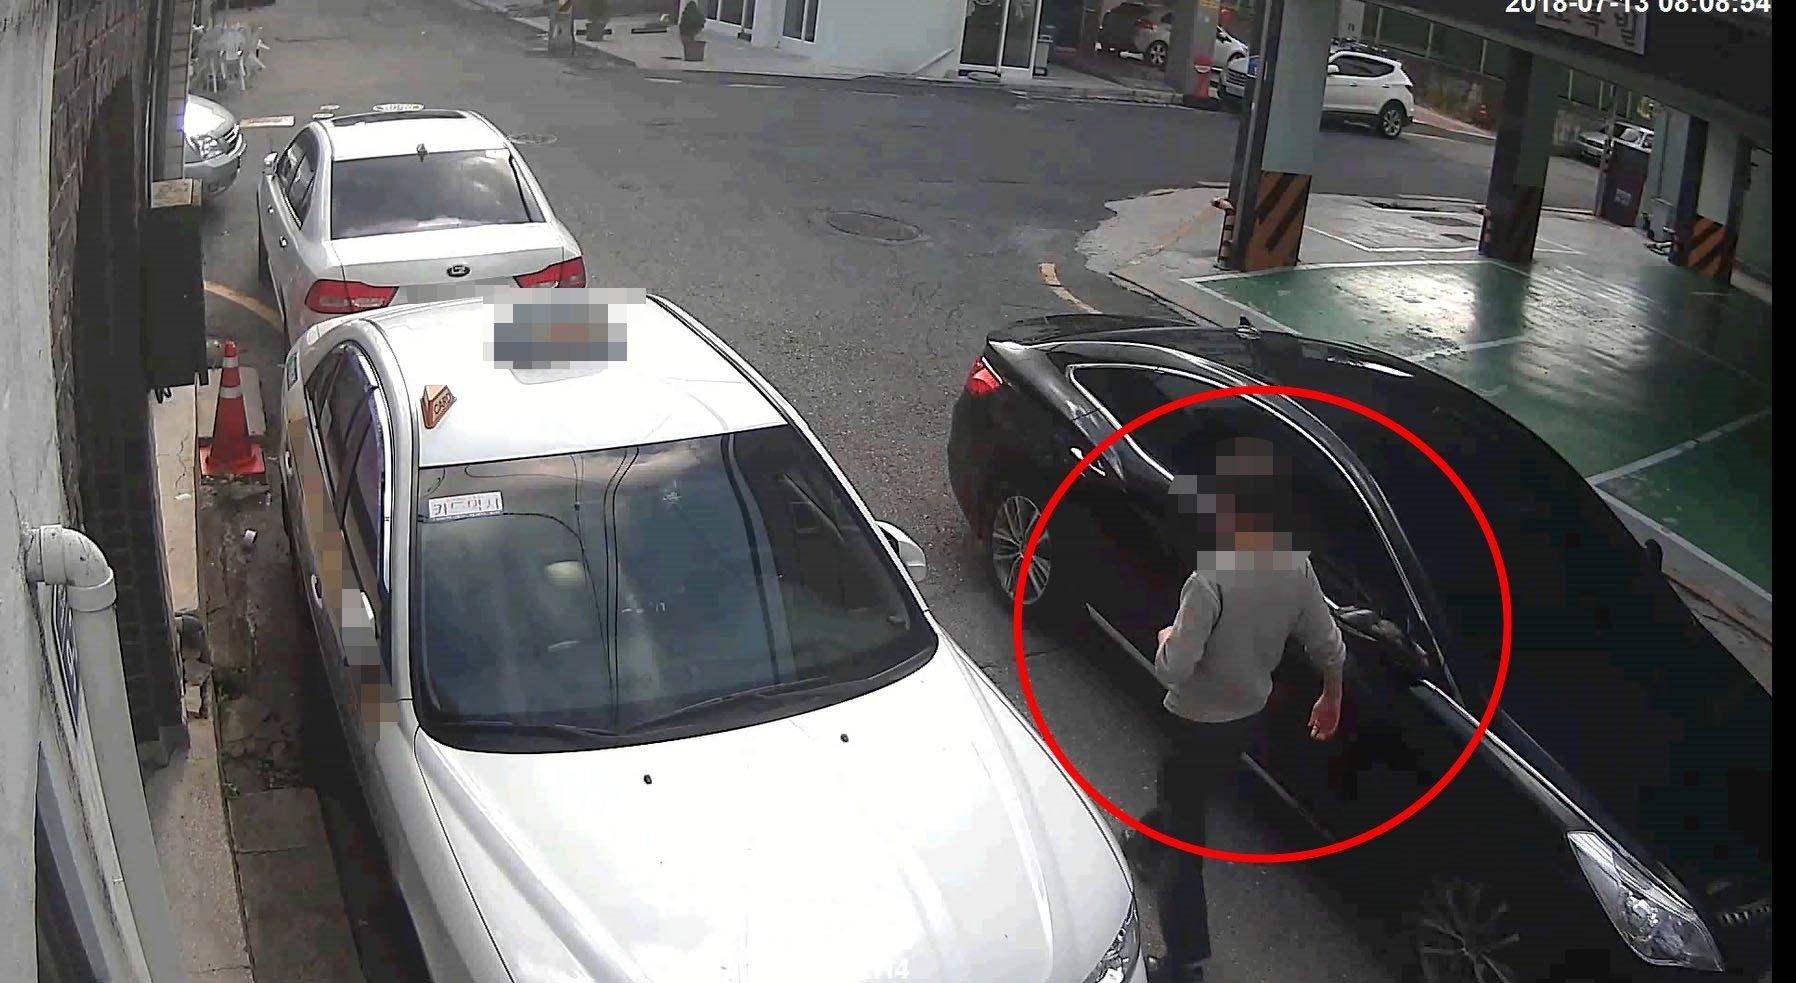 60세 남성이 골목길에서 여성 운전자만 보이면 저지른 일